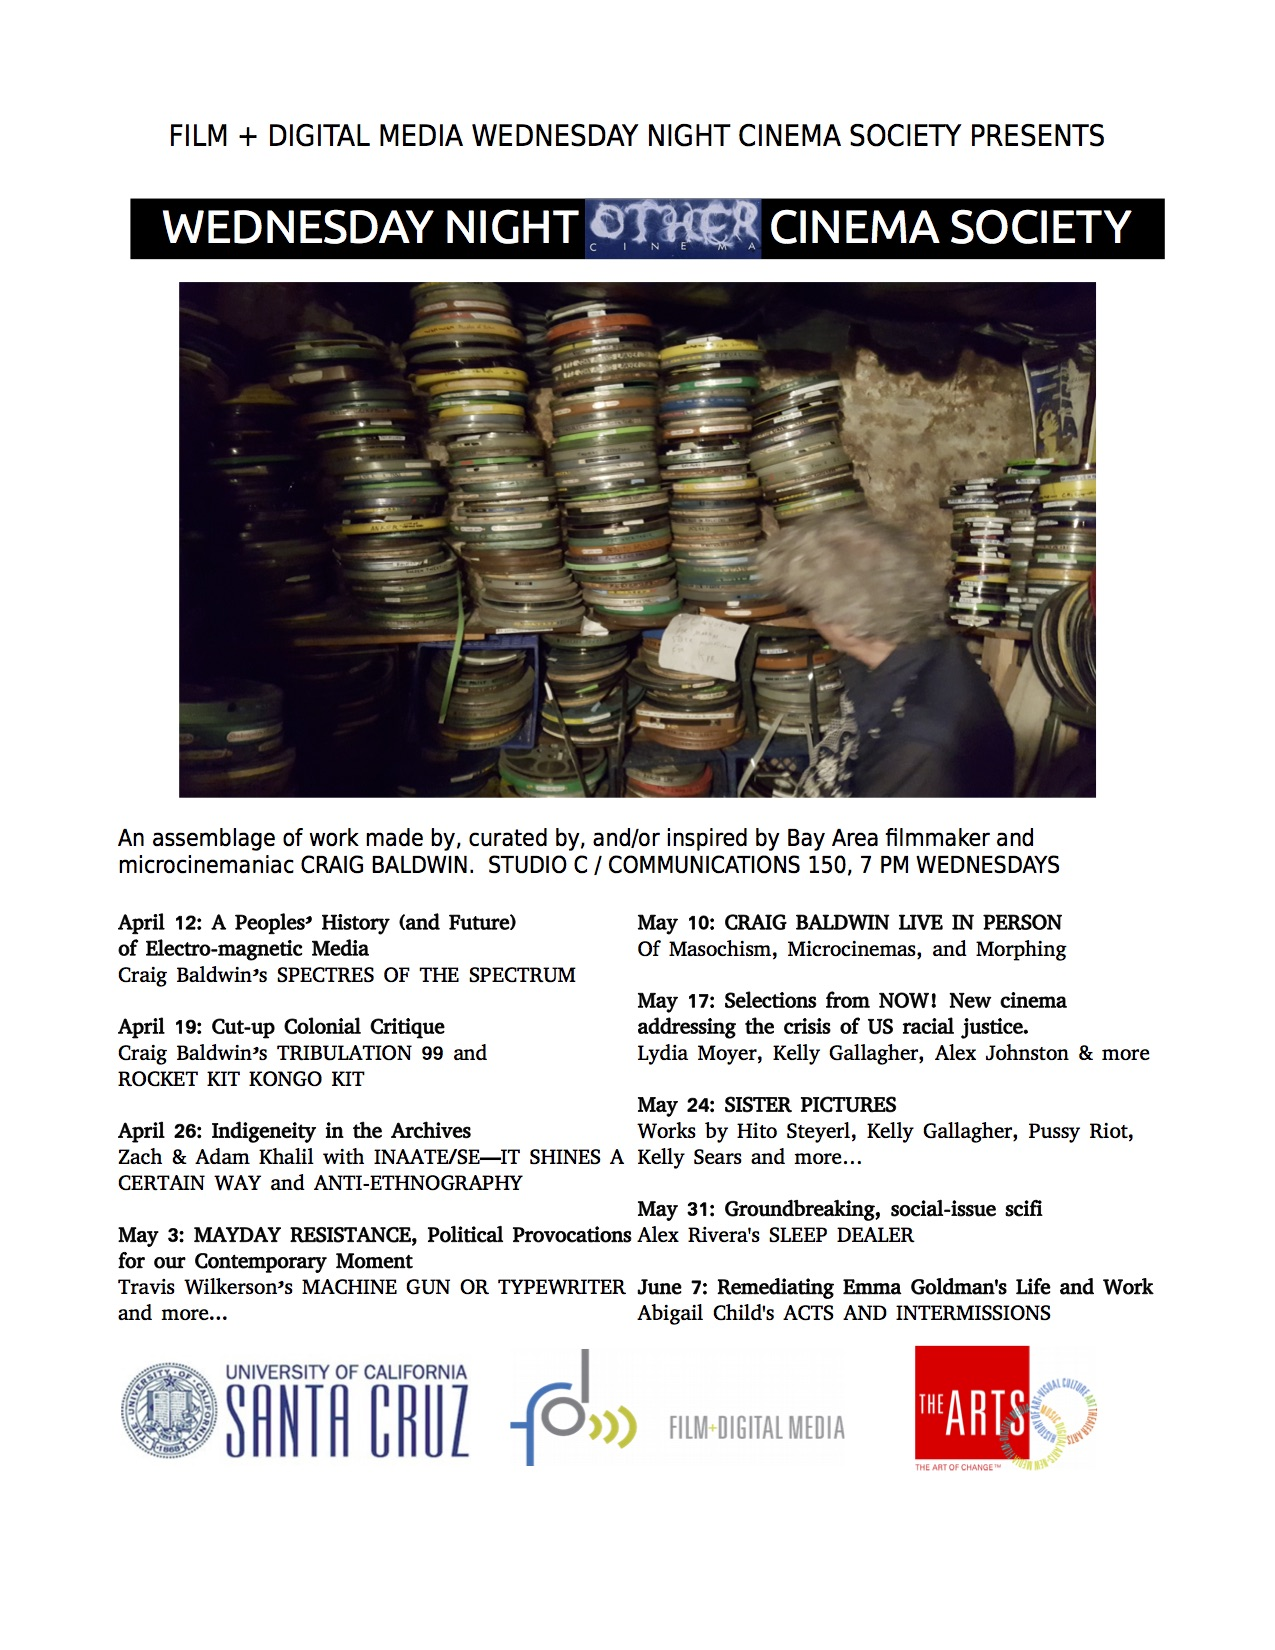 Flyer for Wednesday Night Cinema Society Spring 2017